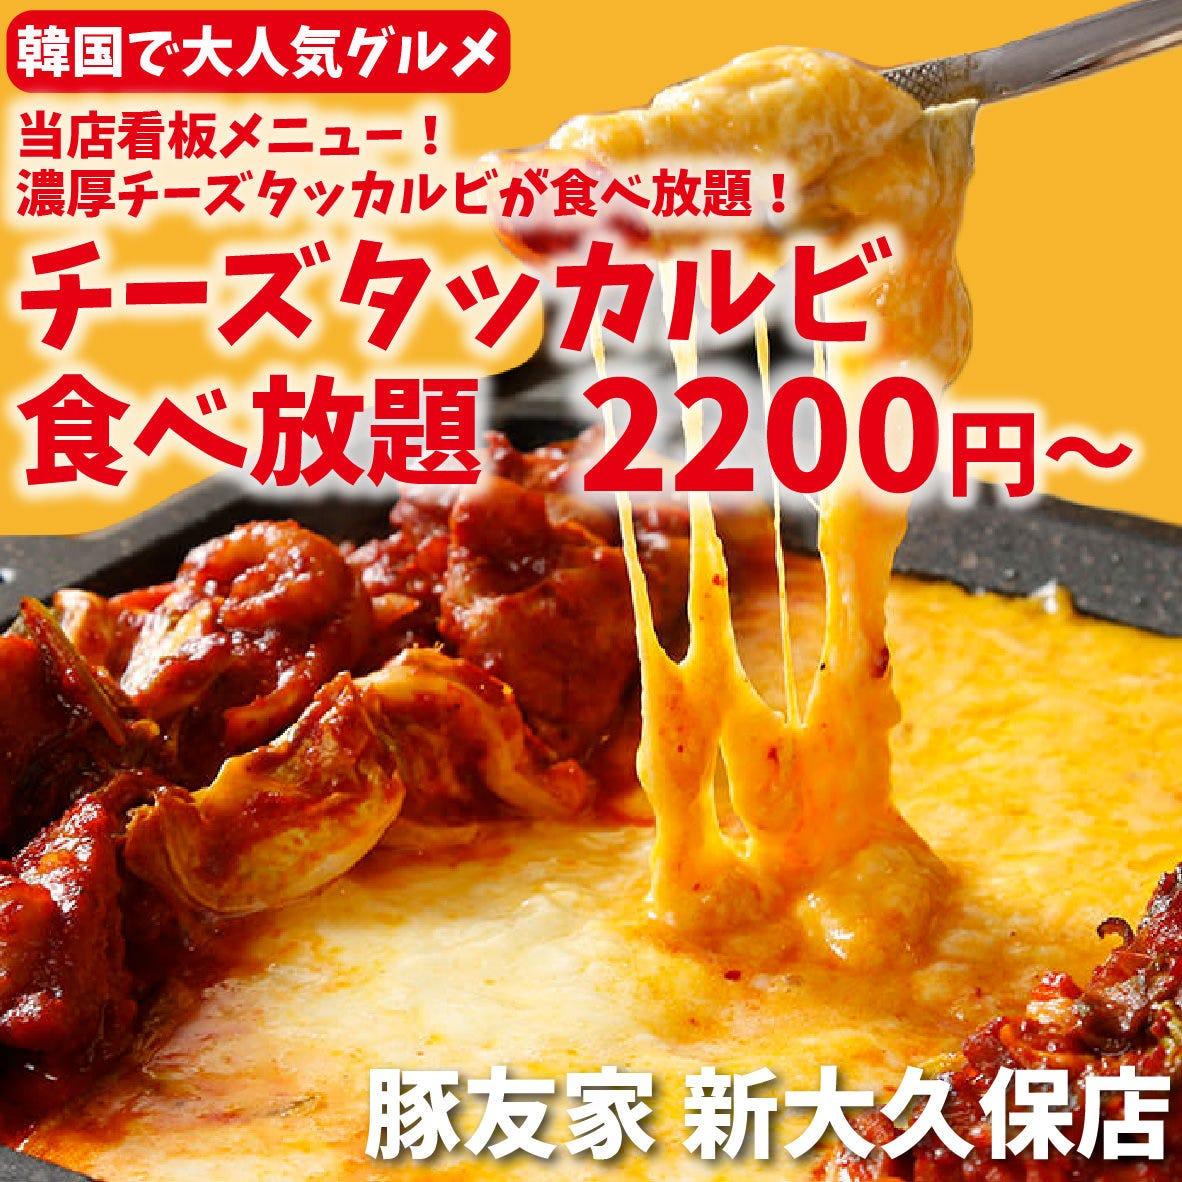 飲放付チーズタッカル+生サムギョプ他の食放